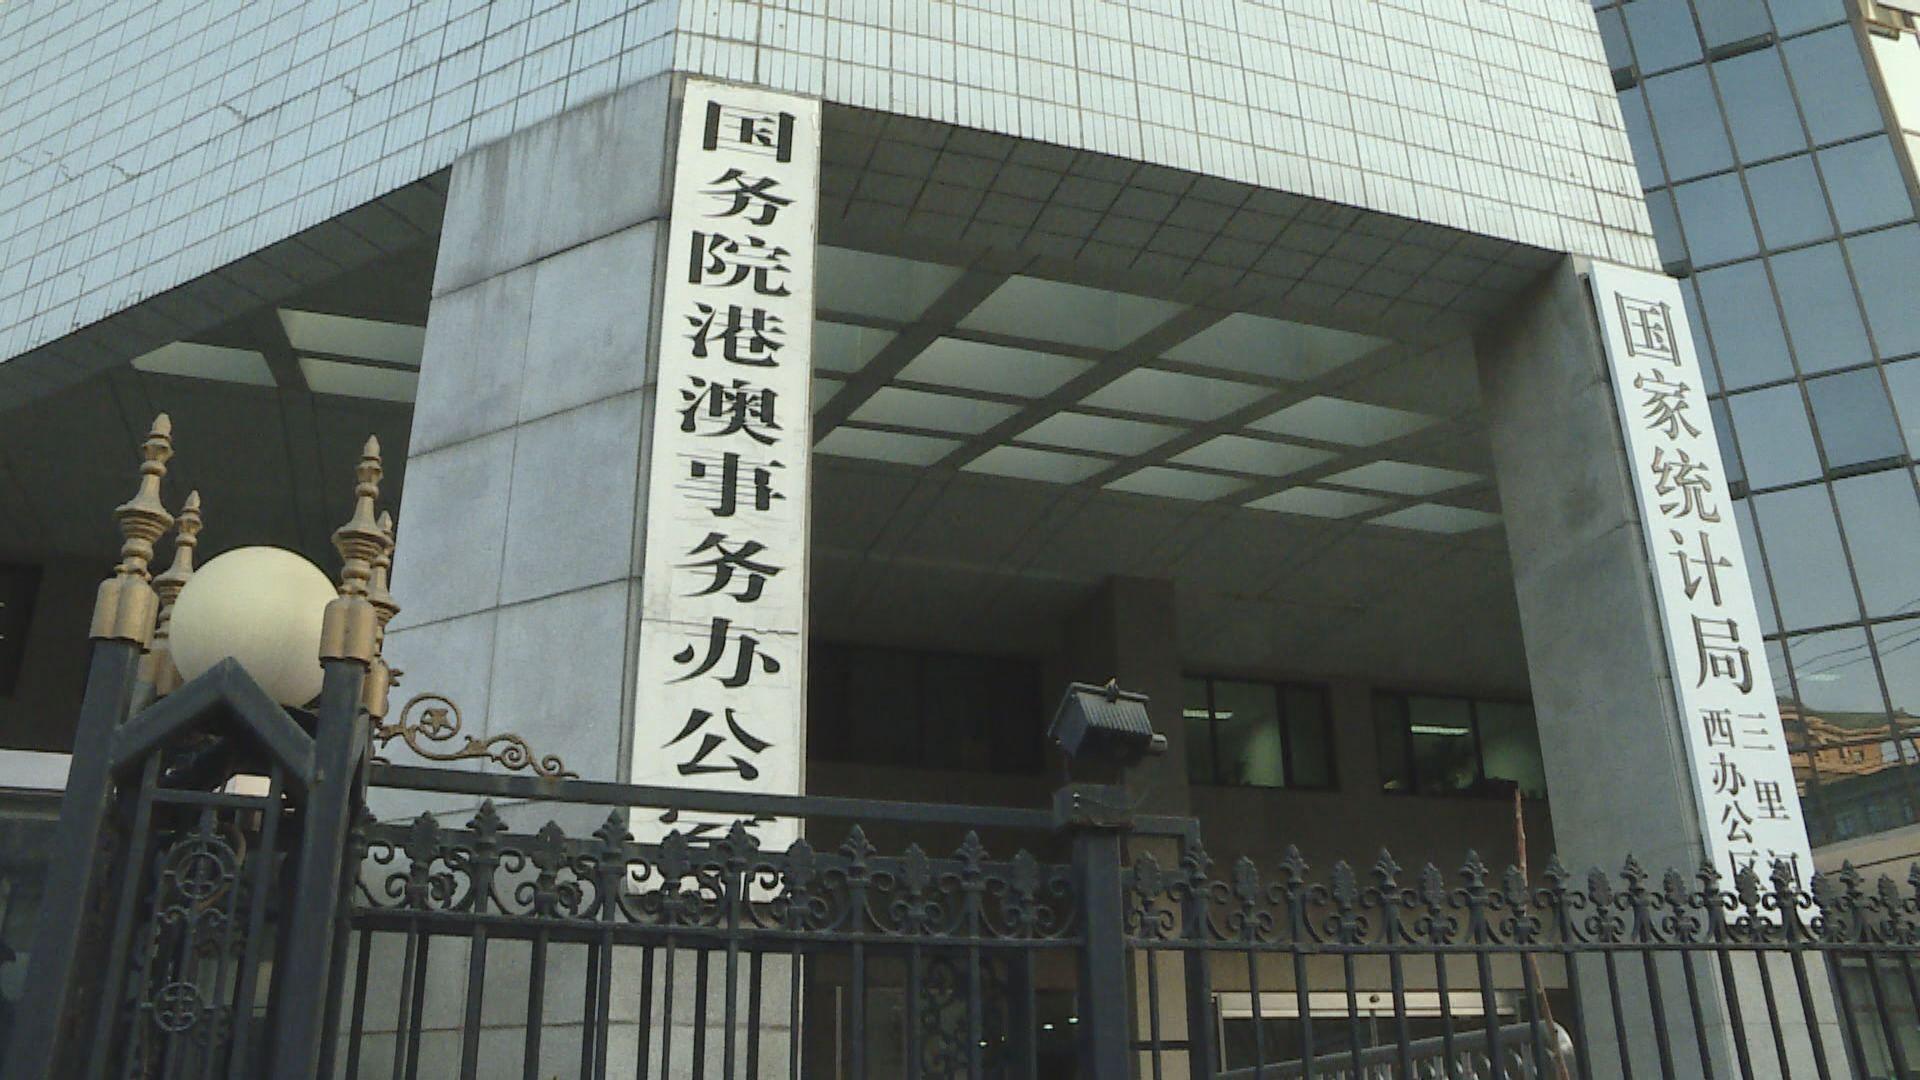 港澳辦強烈譴責美國再對中港官員實施制裁